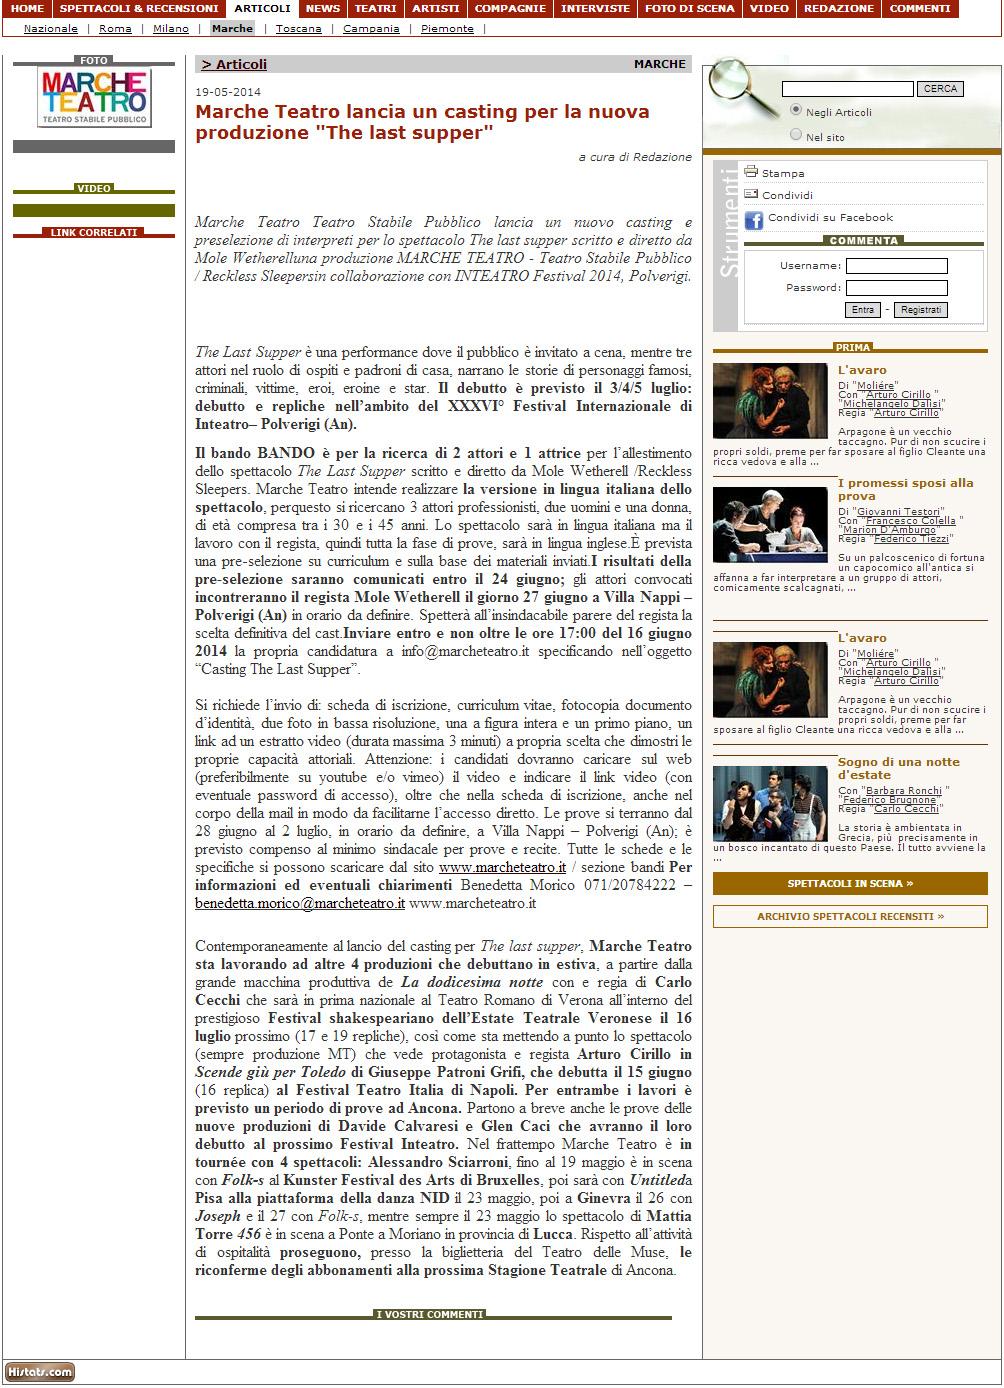 2014.05.19 Marche Teatro lancia un casting per la nuova produzione 'The last supper' - teatroteatro.it